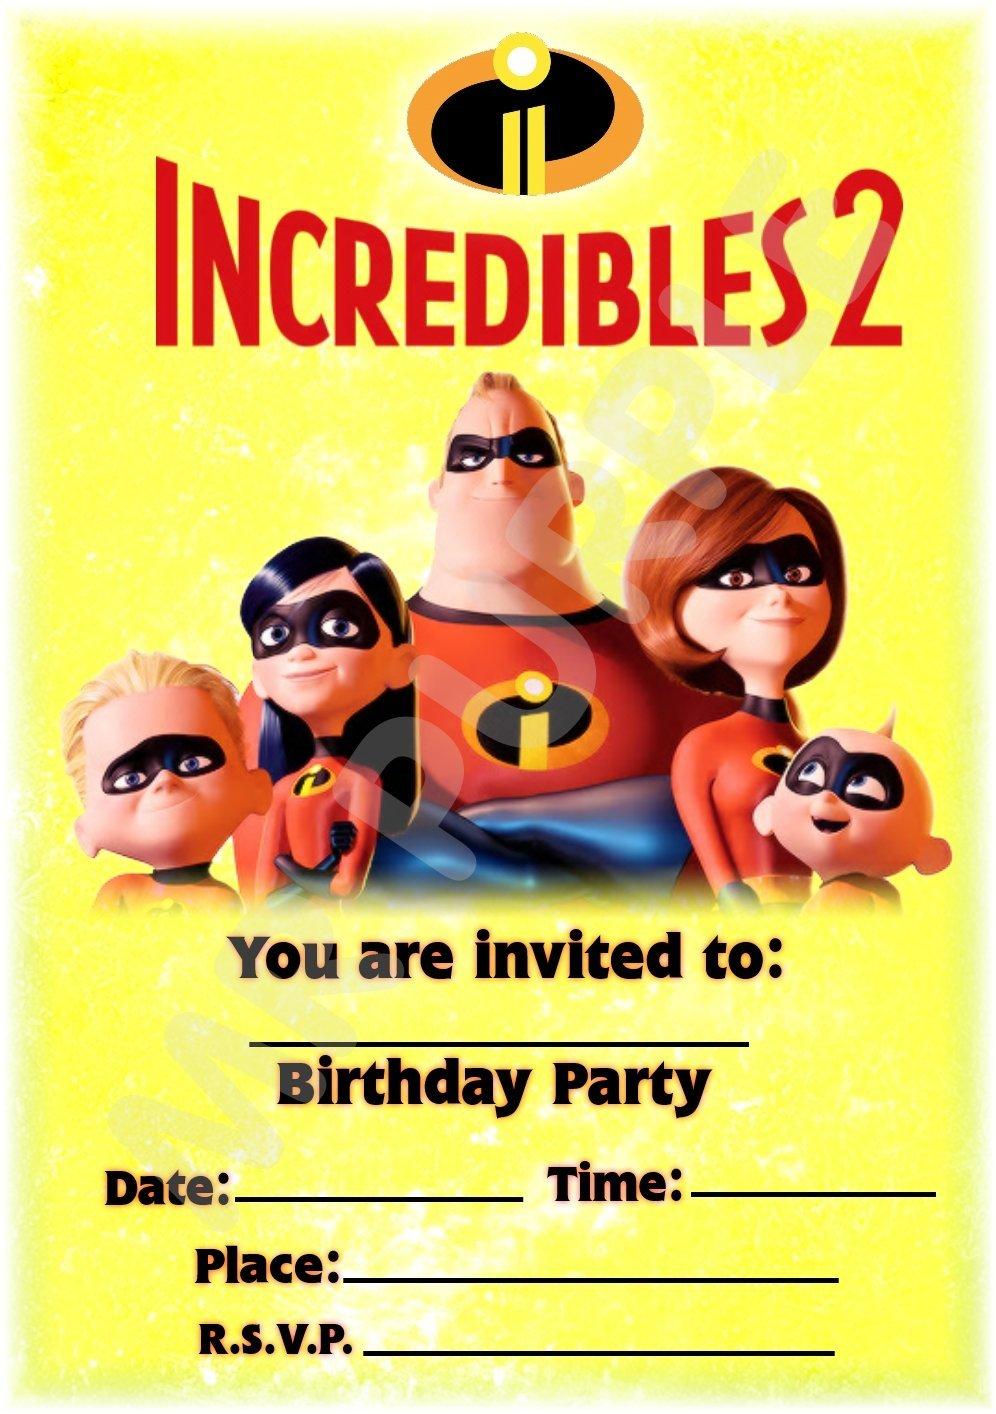 Disney The Incredibles 2 invitaciones de fiesta de cumpleaños – diseño de retrato de fiesta decoración/accesorios (paquete de 12 invitaciones A5) WITH Envelopes MrPurple